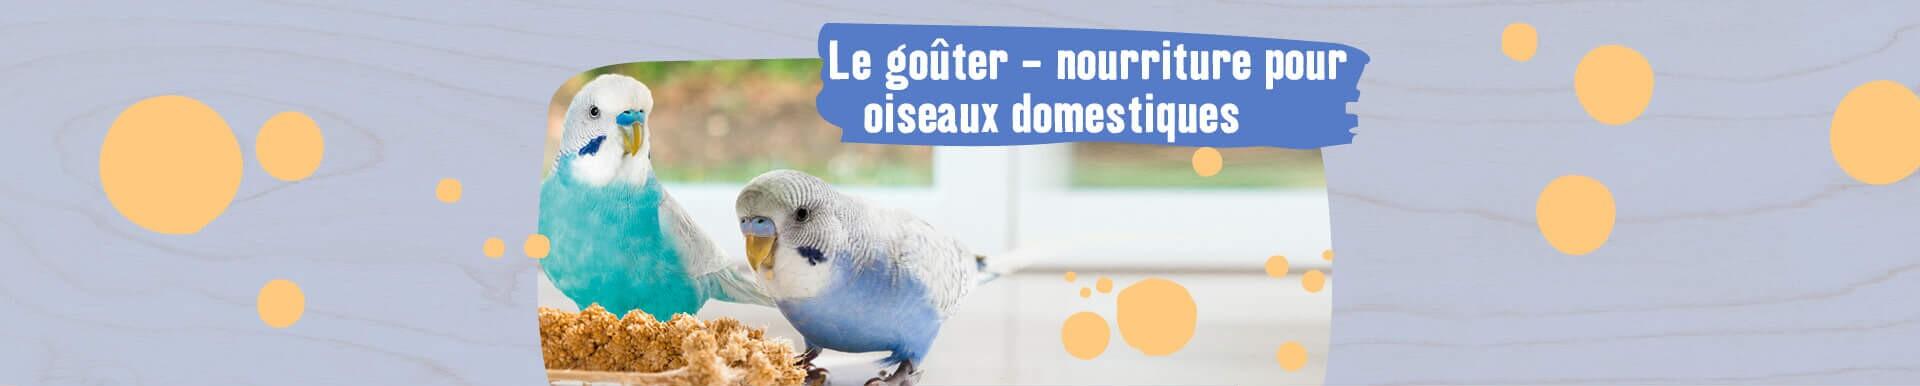 Nourriture pour oiseaux domestiques